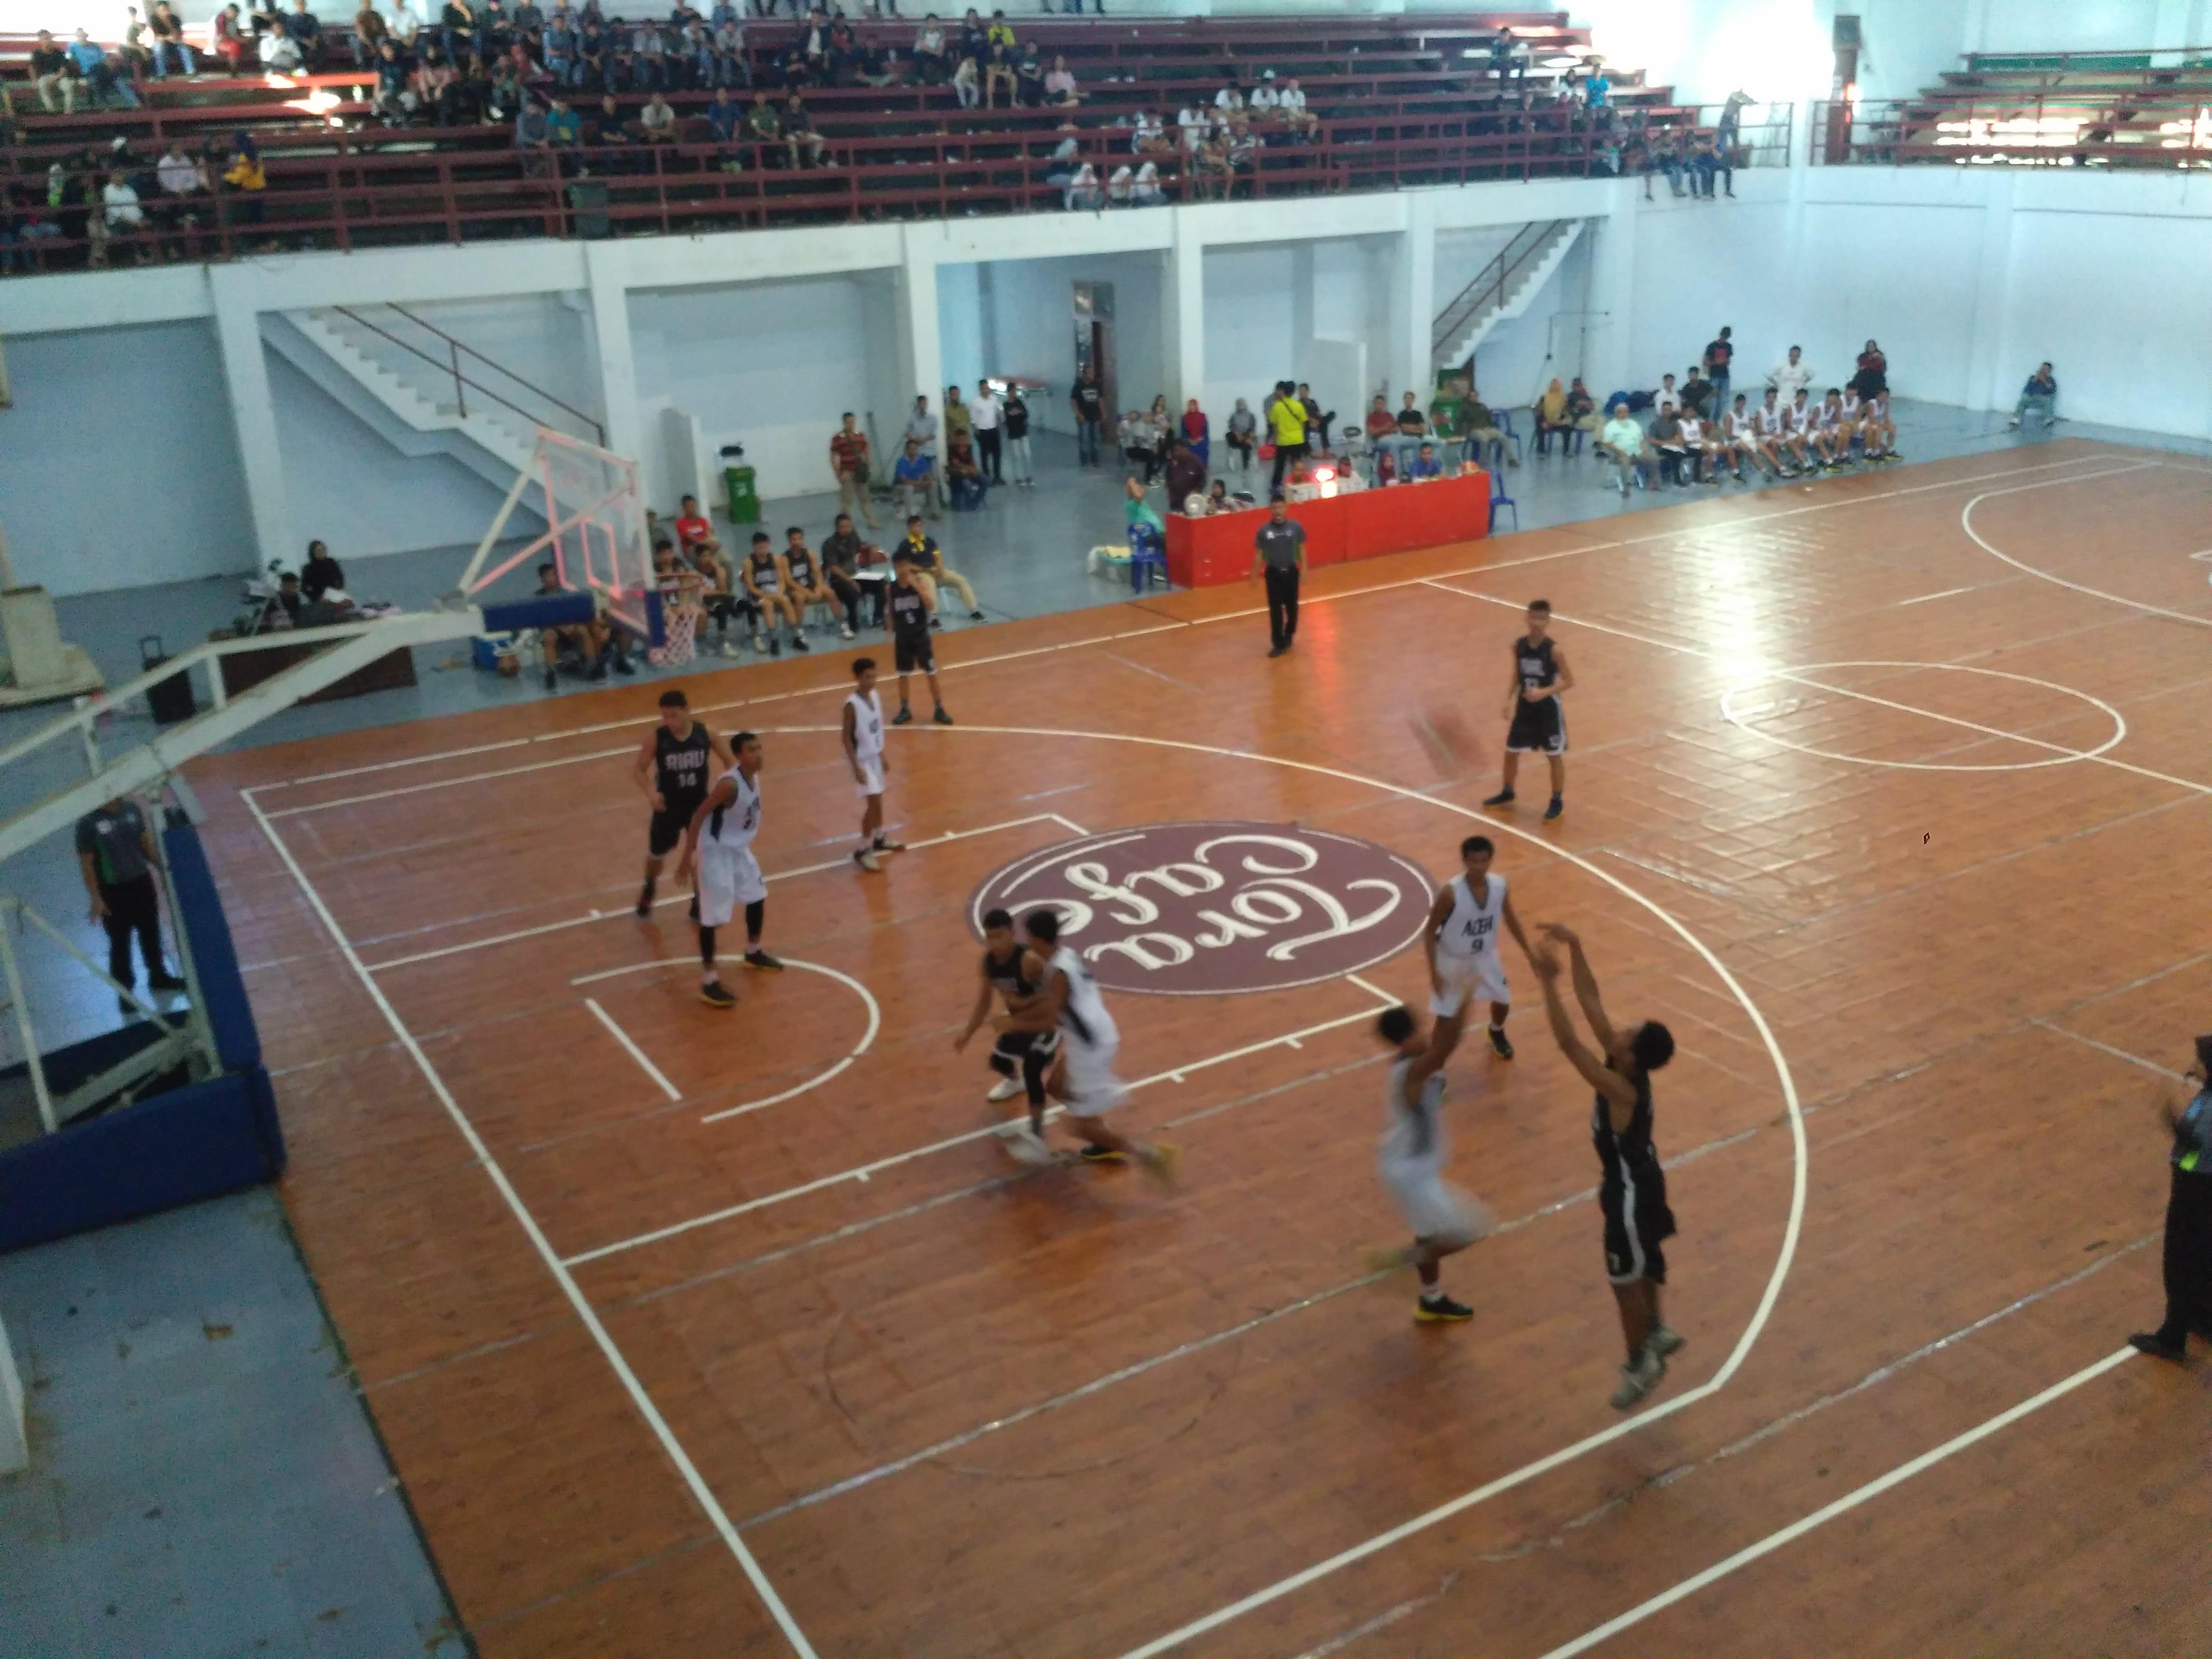 Popwil 2018, Langkah Tim Basket Putra Aceh Terhenti